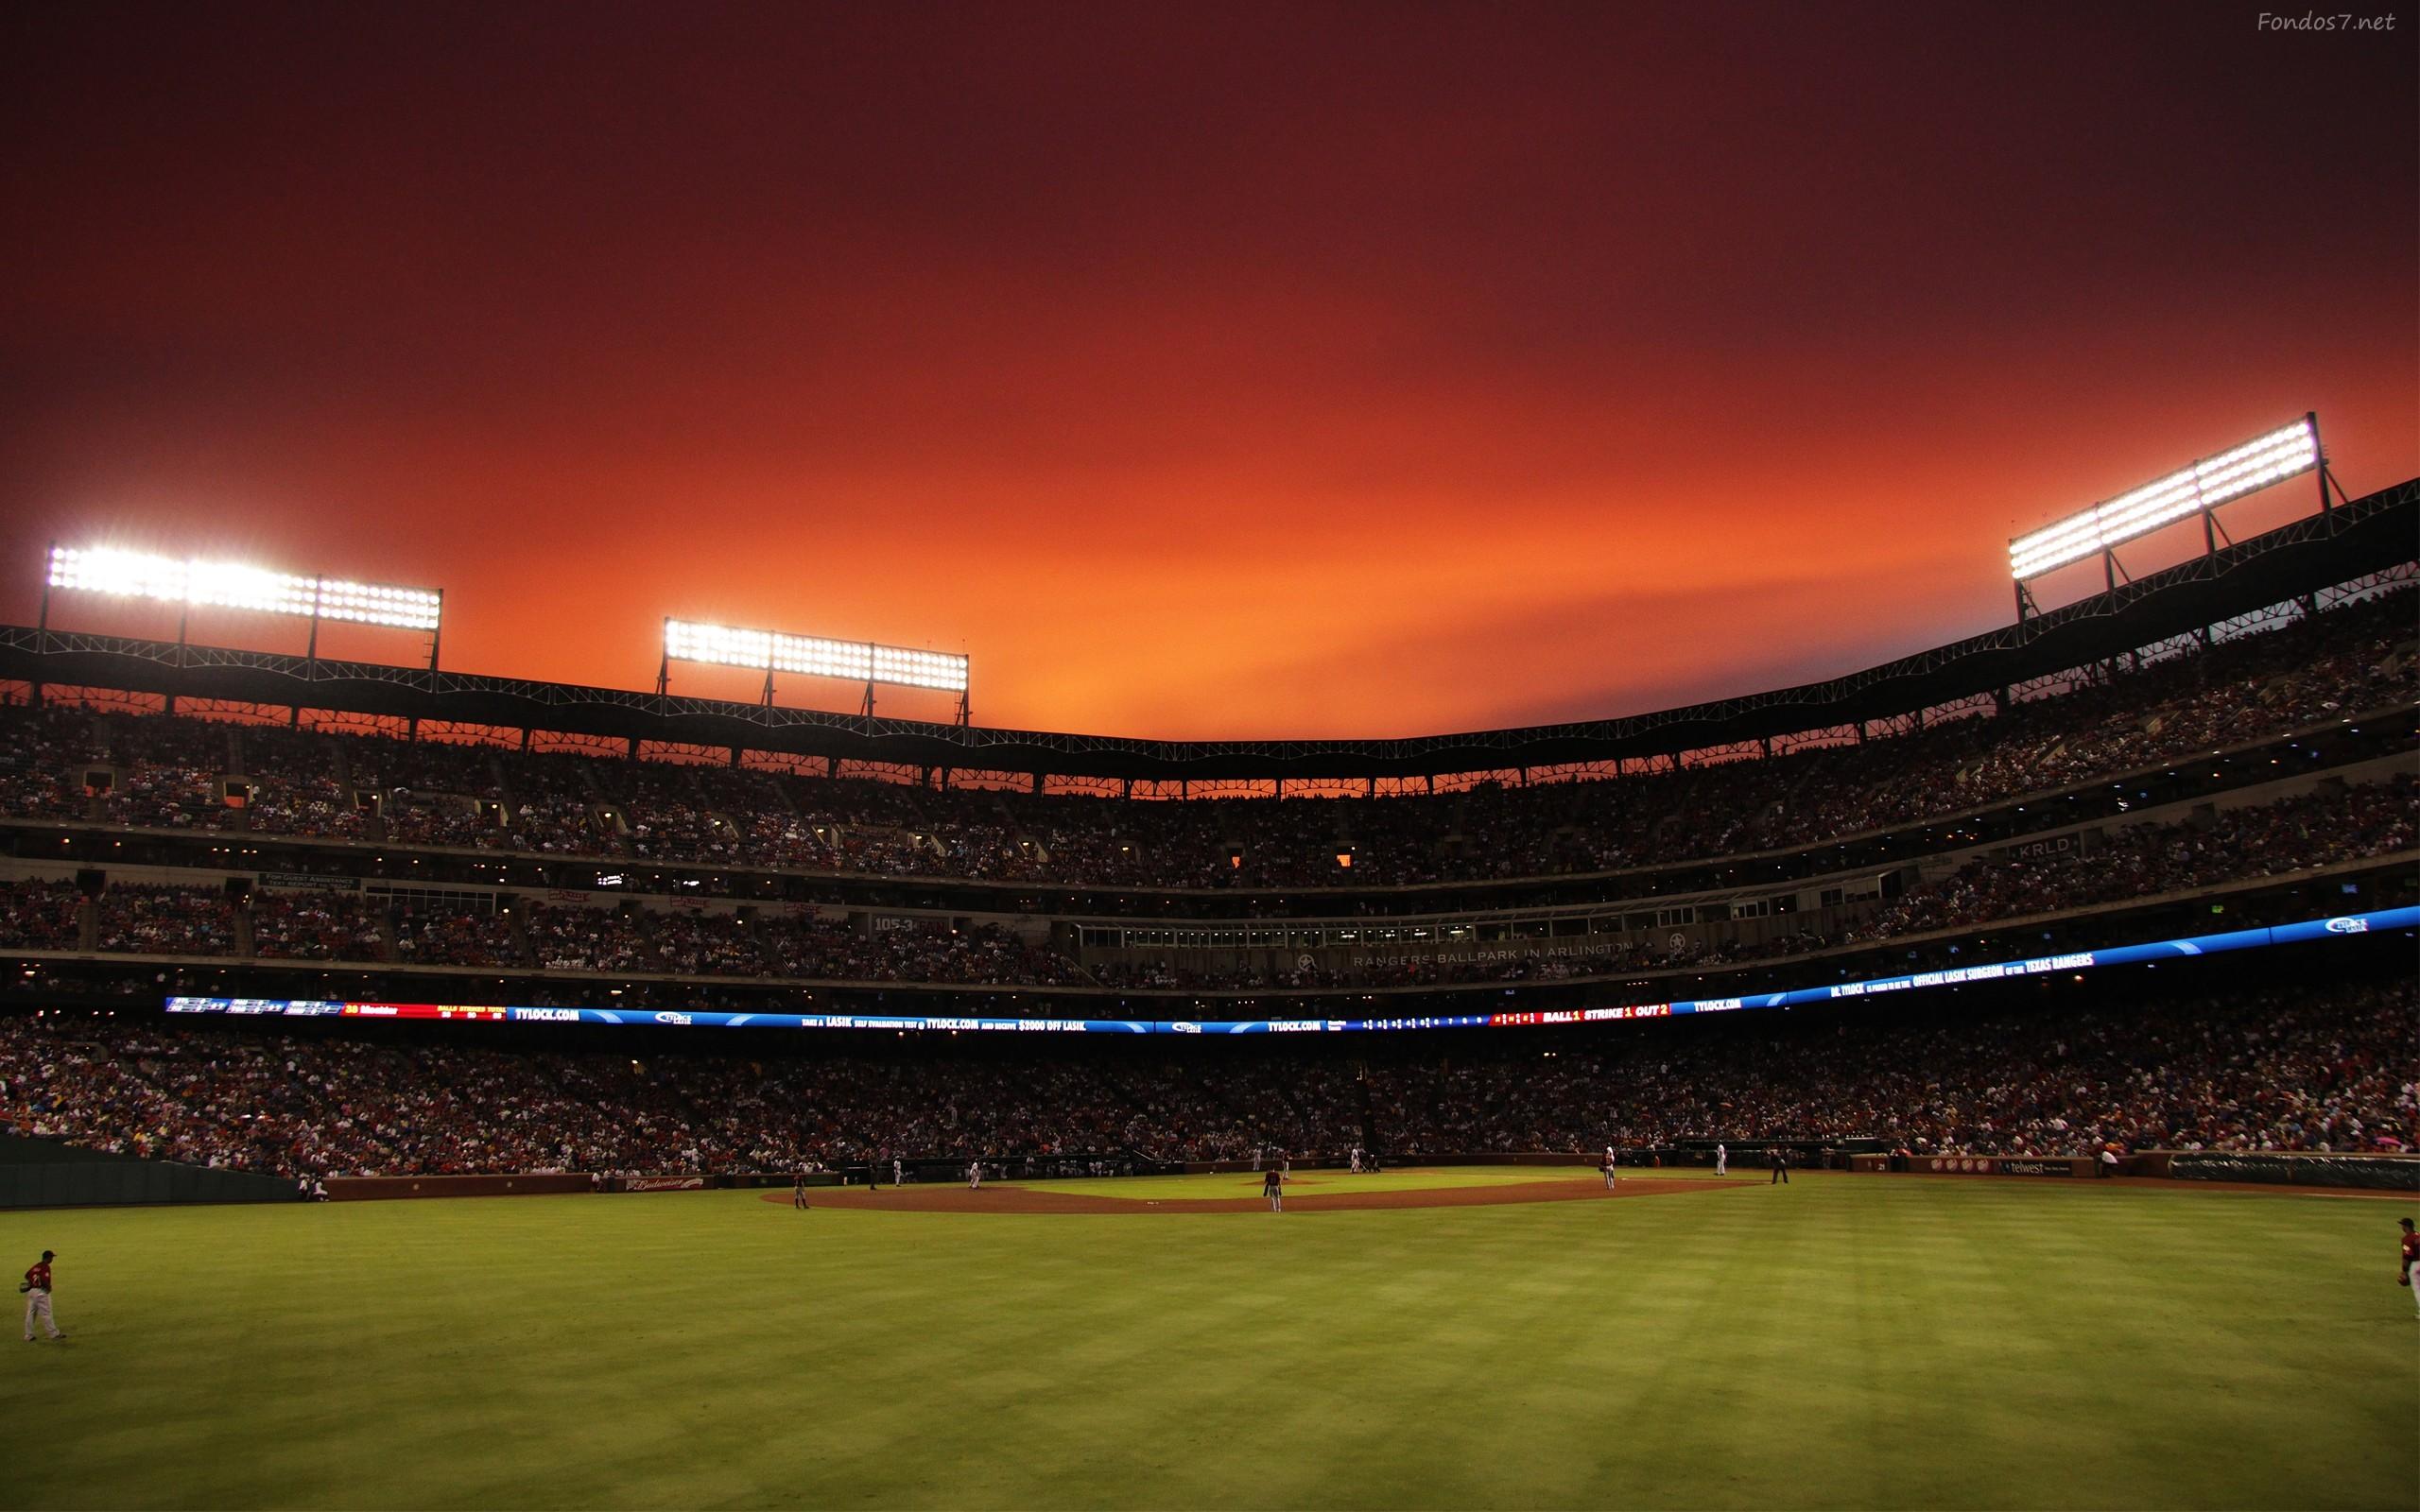 Descargar Fondos de pantalla un estadio de beisbol 3d hd widescreen .